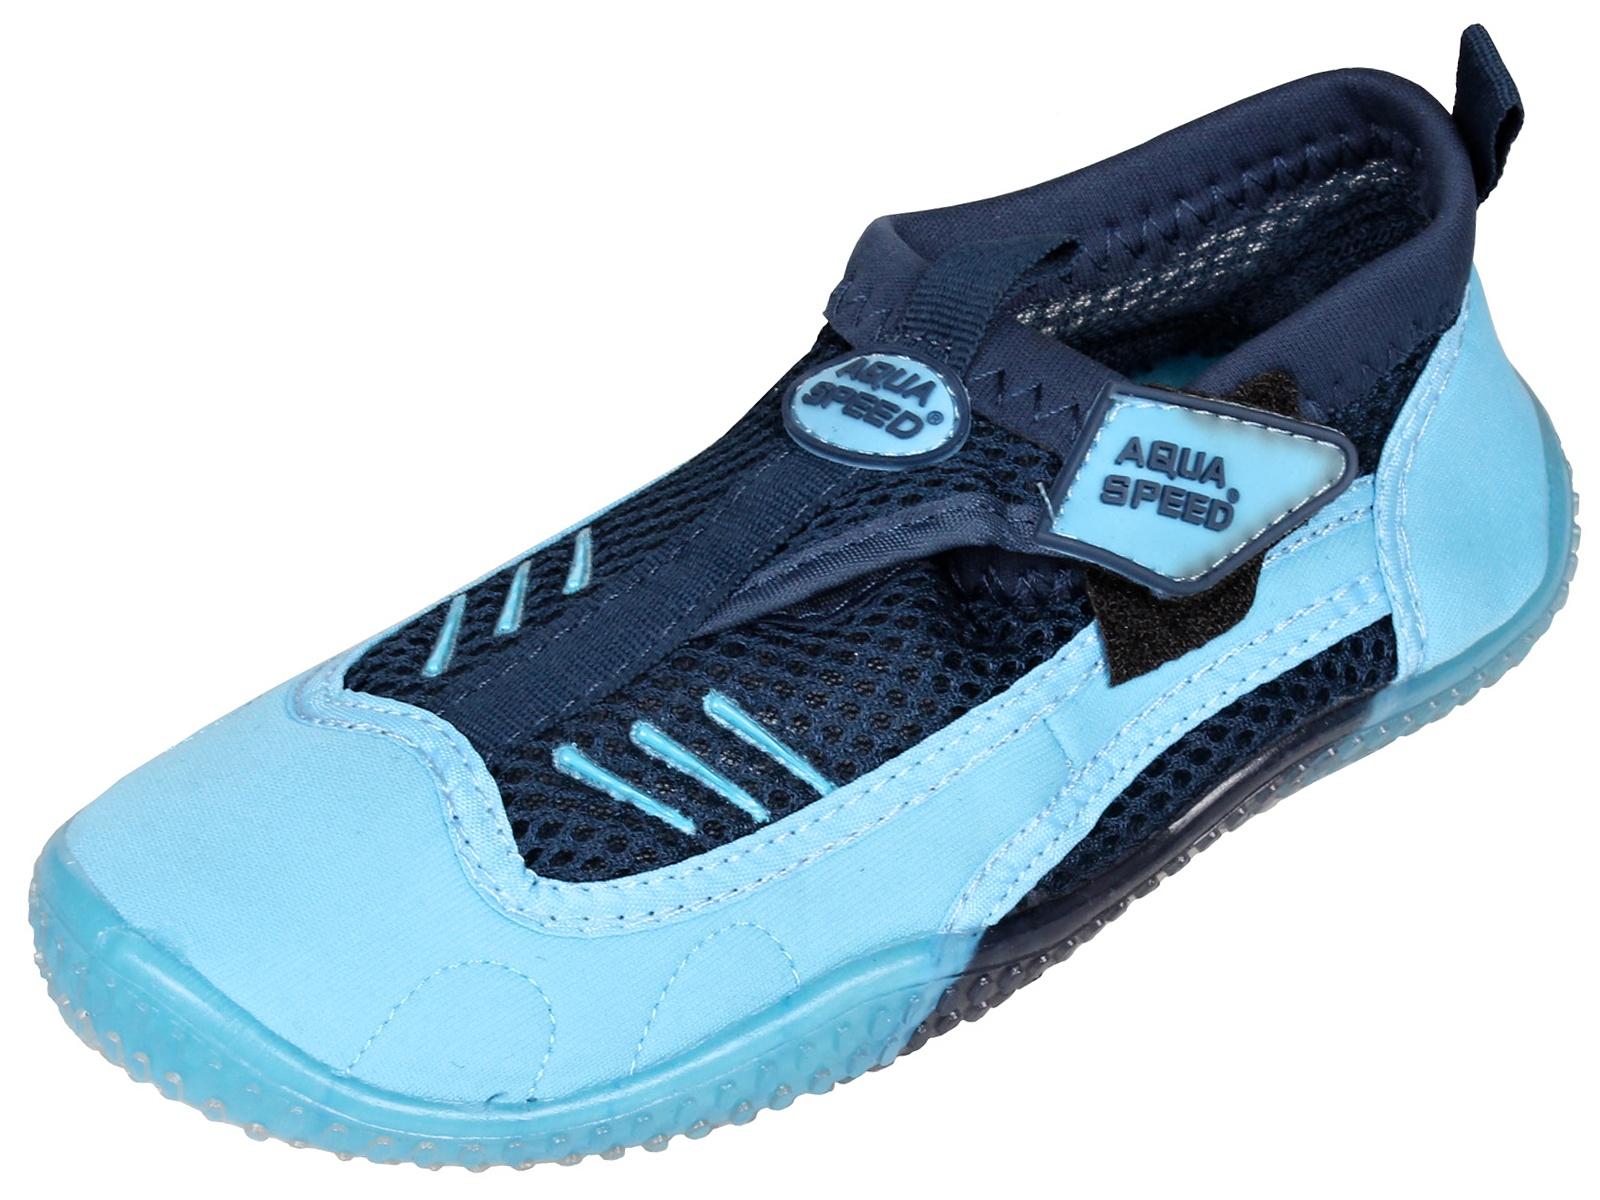 Boty do vody AQUA-SPEED 7A modré - vel. 42